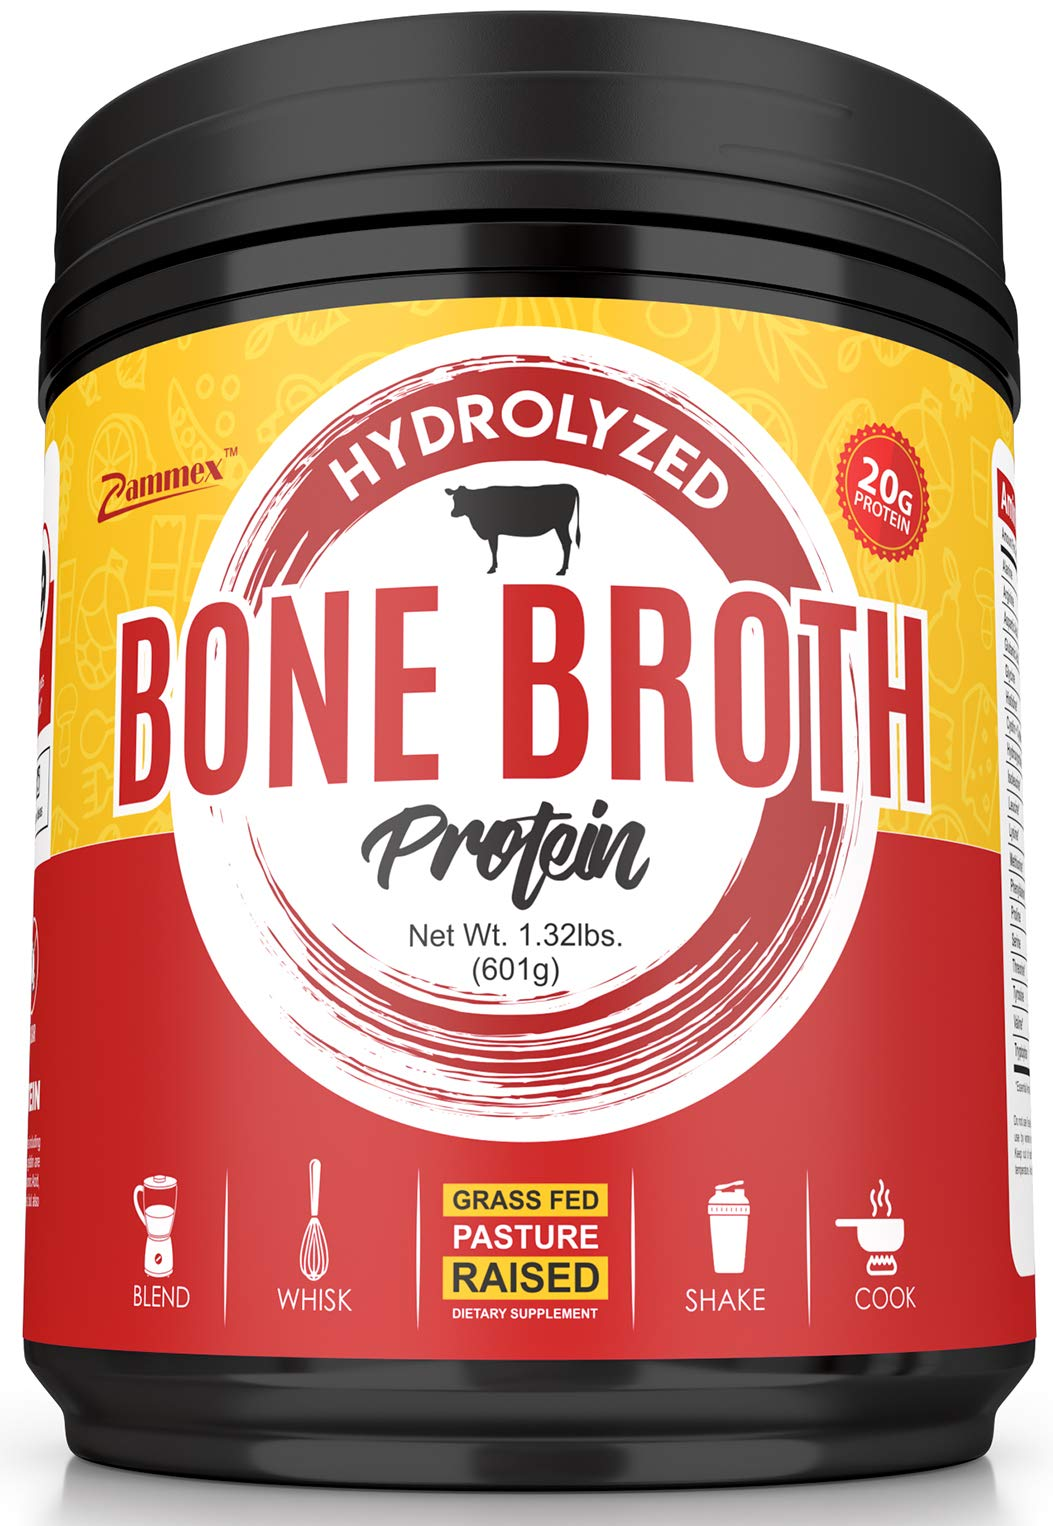 Hydrolyzed Bone Broth Protein Powder